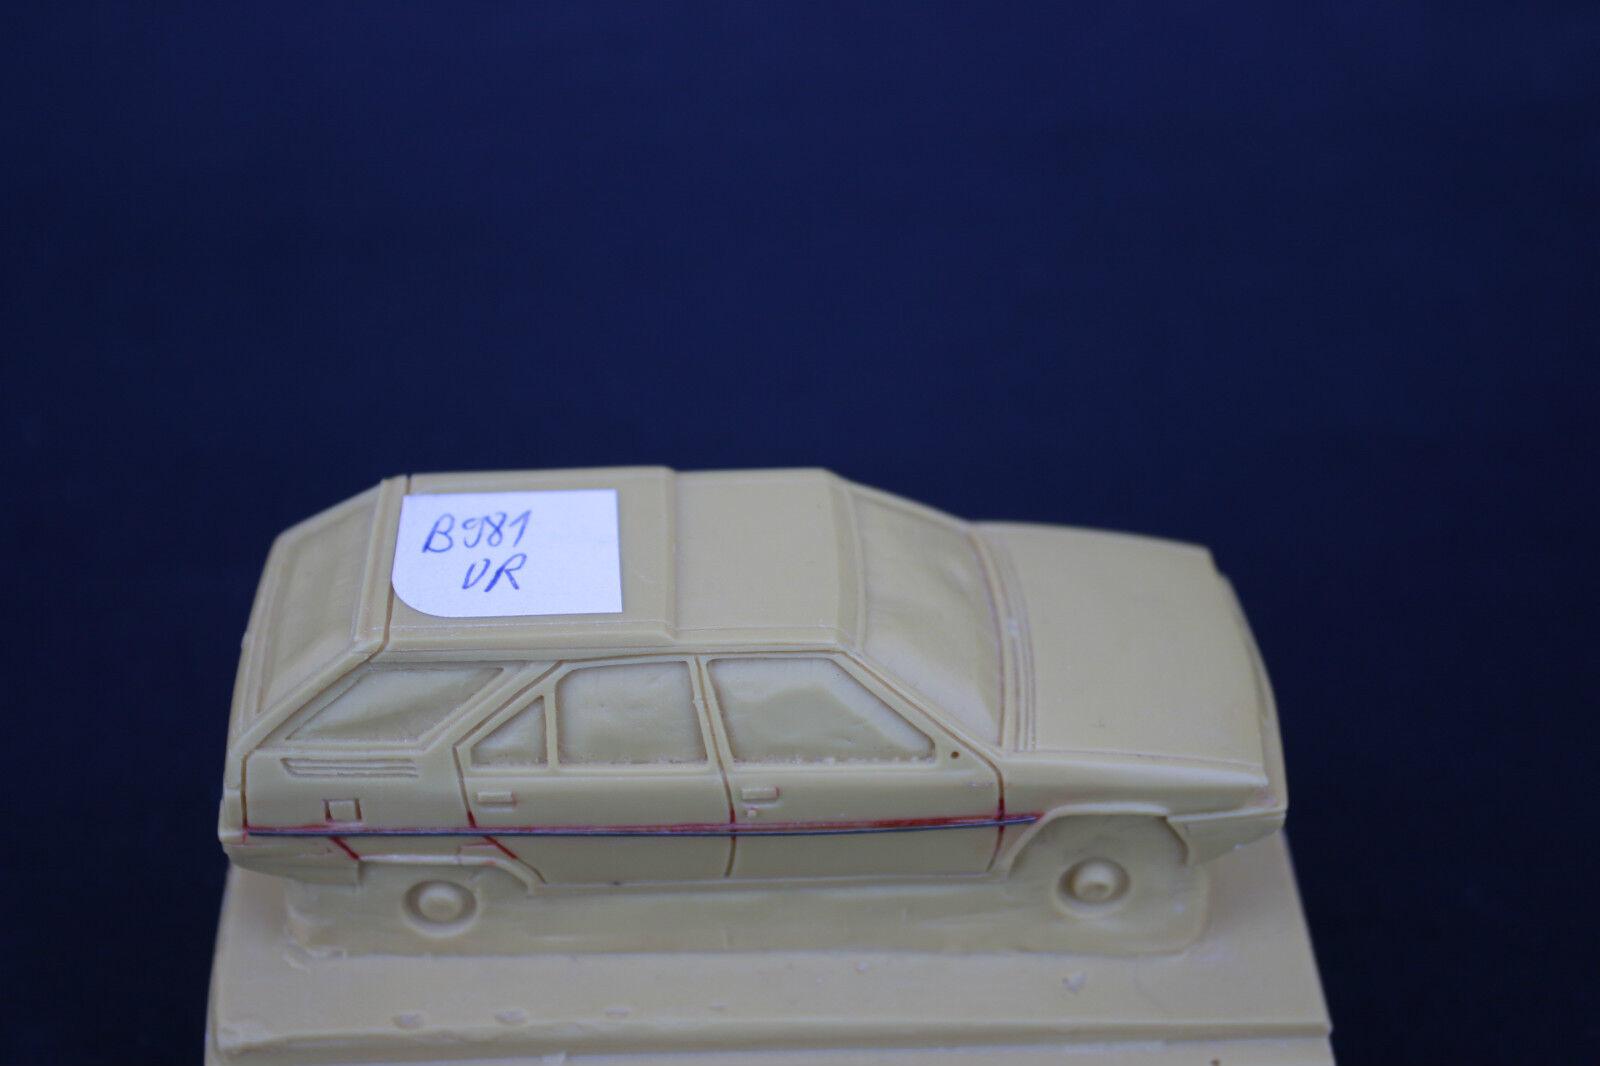 Rare Die Mold Resin Citroen Bx Bx Bx Break Car 1 43 Heco Models Ur 15ccc2